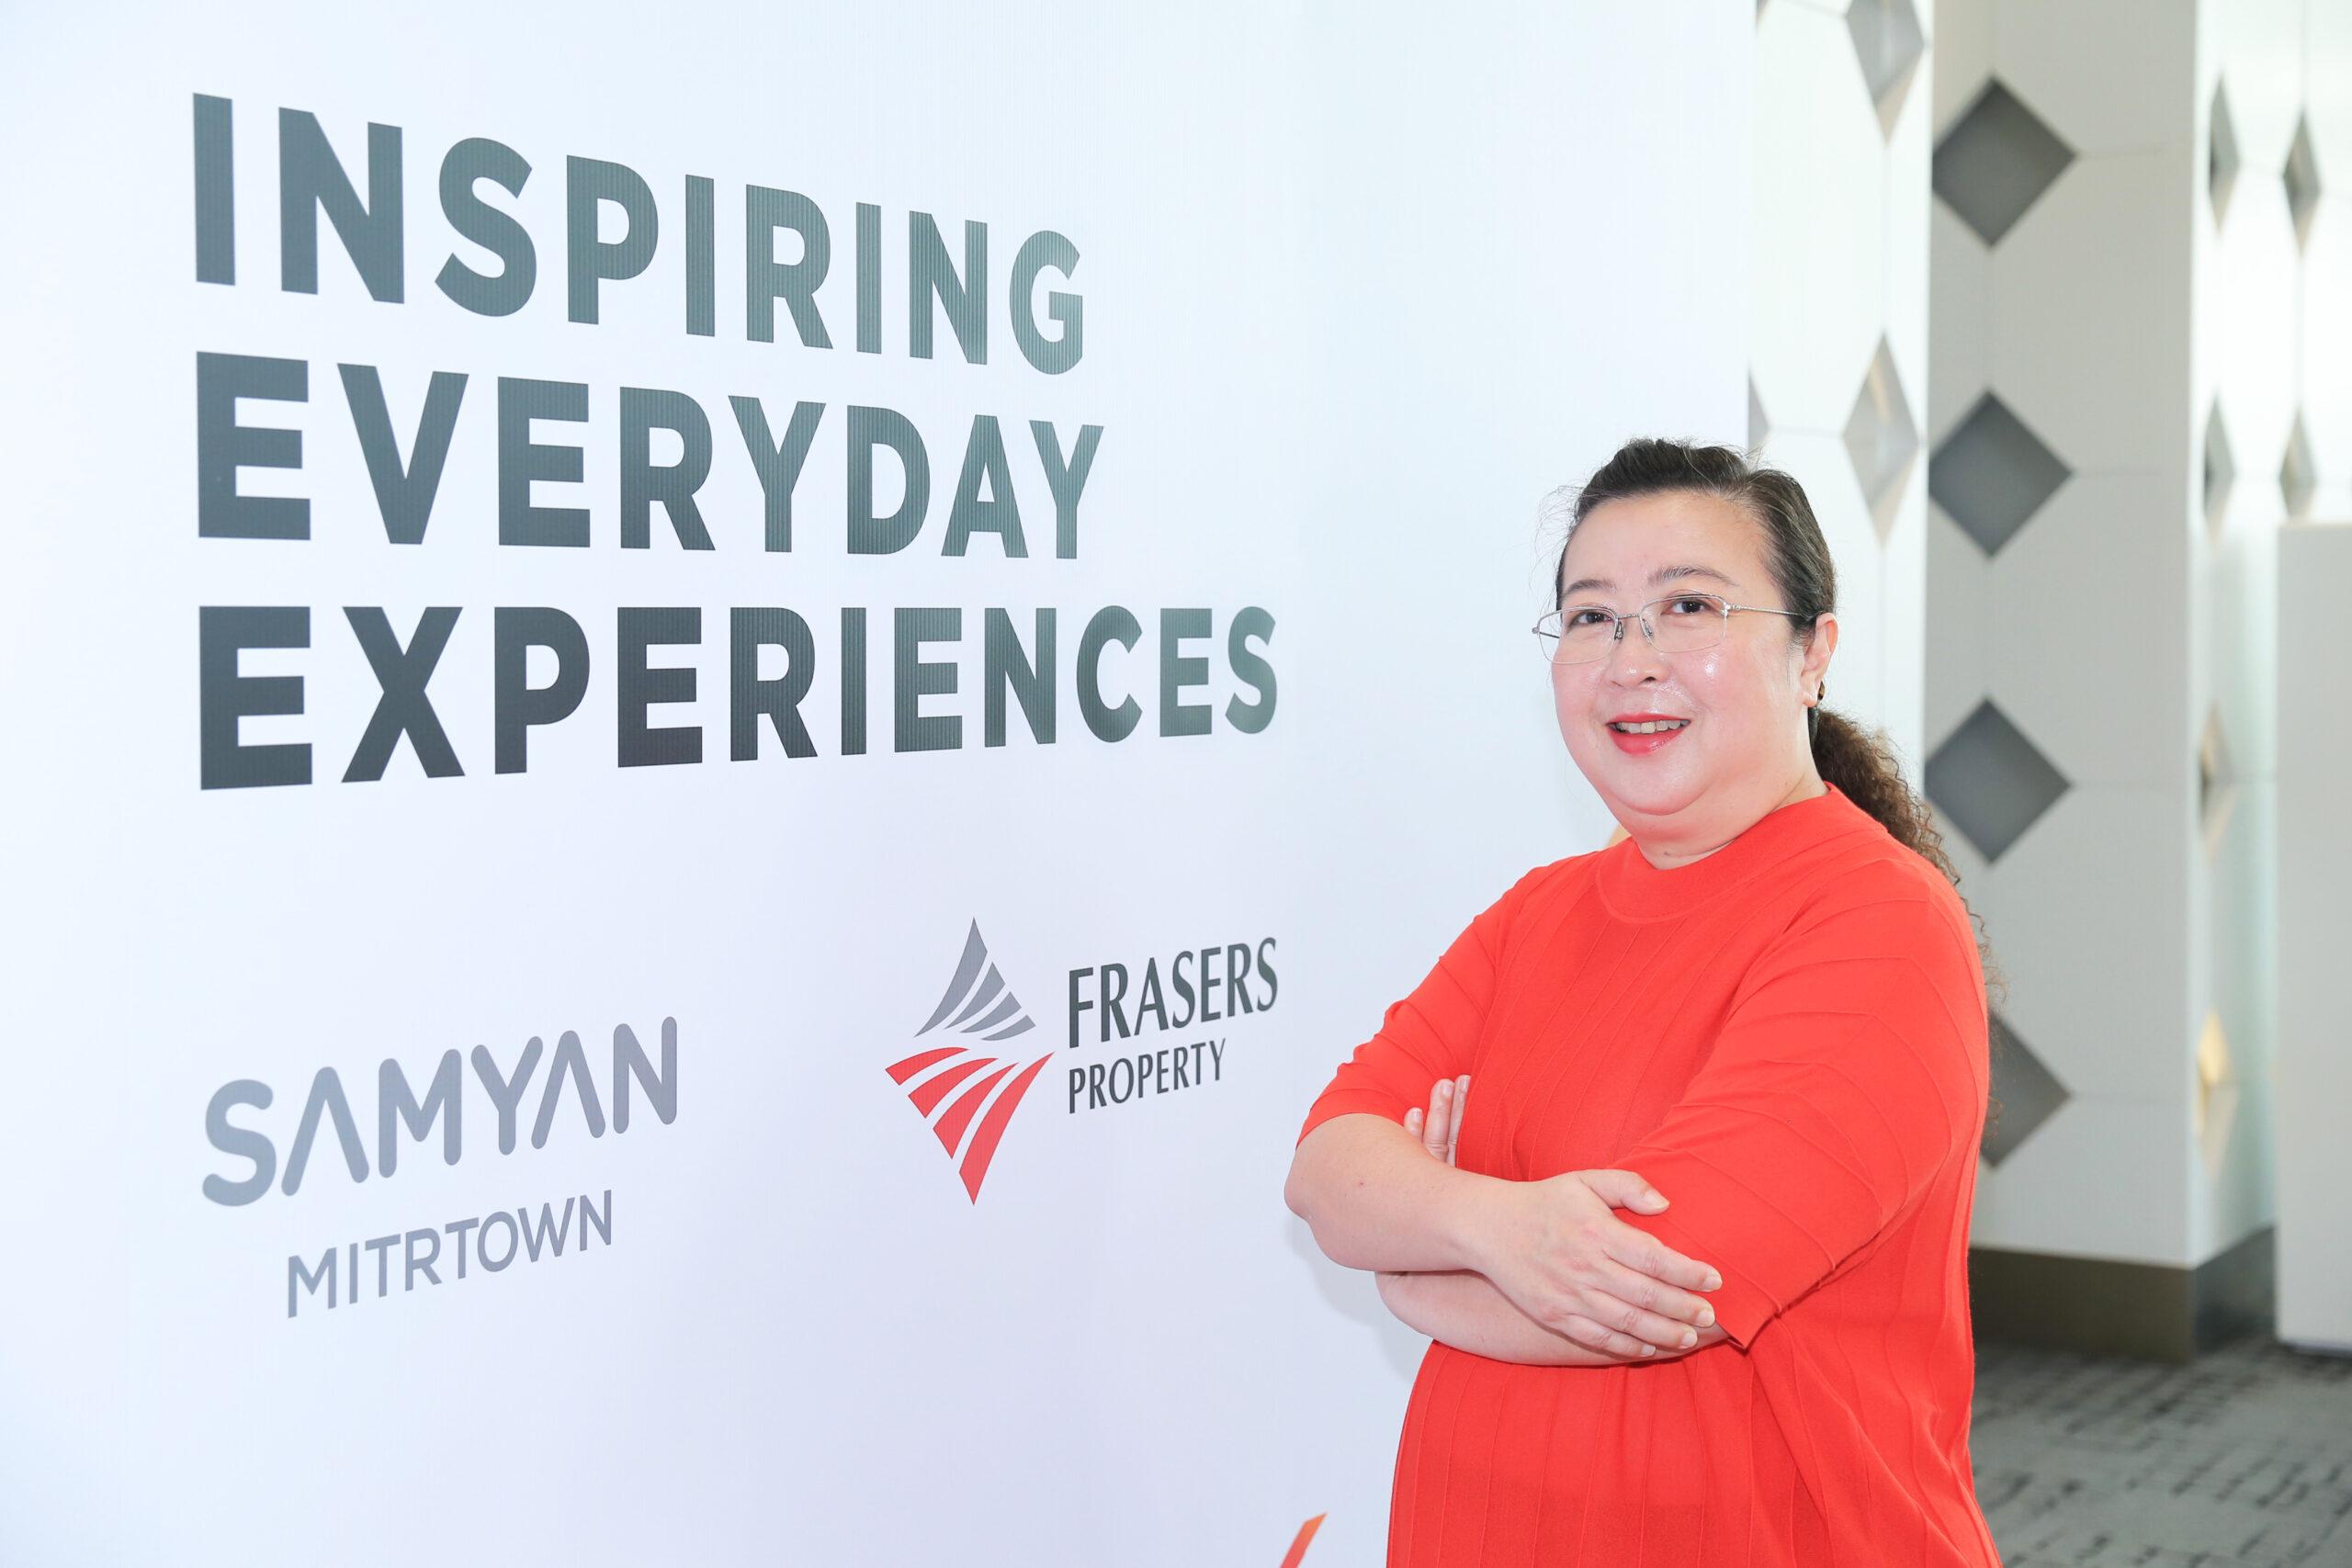 นางธีรนันท์ กรศรีทิพา รองกรรมการผู้จัดการ สายงานพัฒนาธุรกิจรีเทล เฟรเซอร์ส พร็อพเพอร์ตี้ คอมเมอร์เชียล(ประเทศไทย)